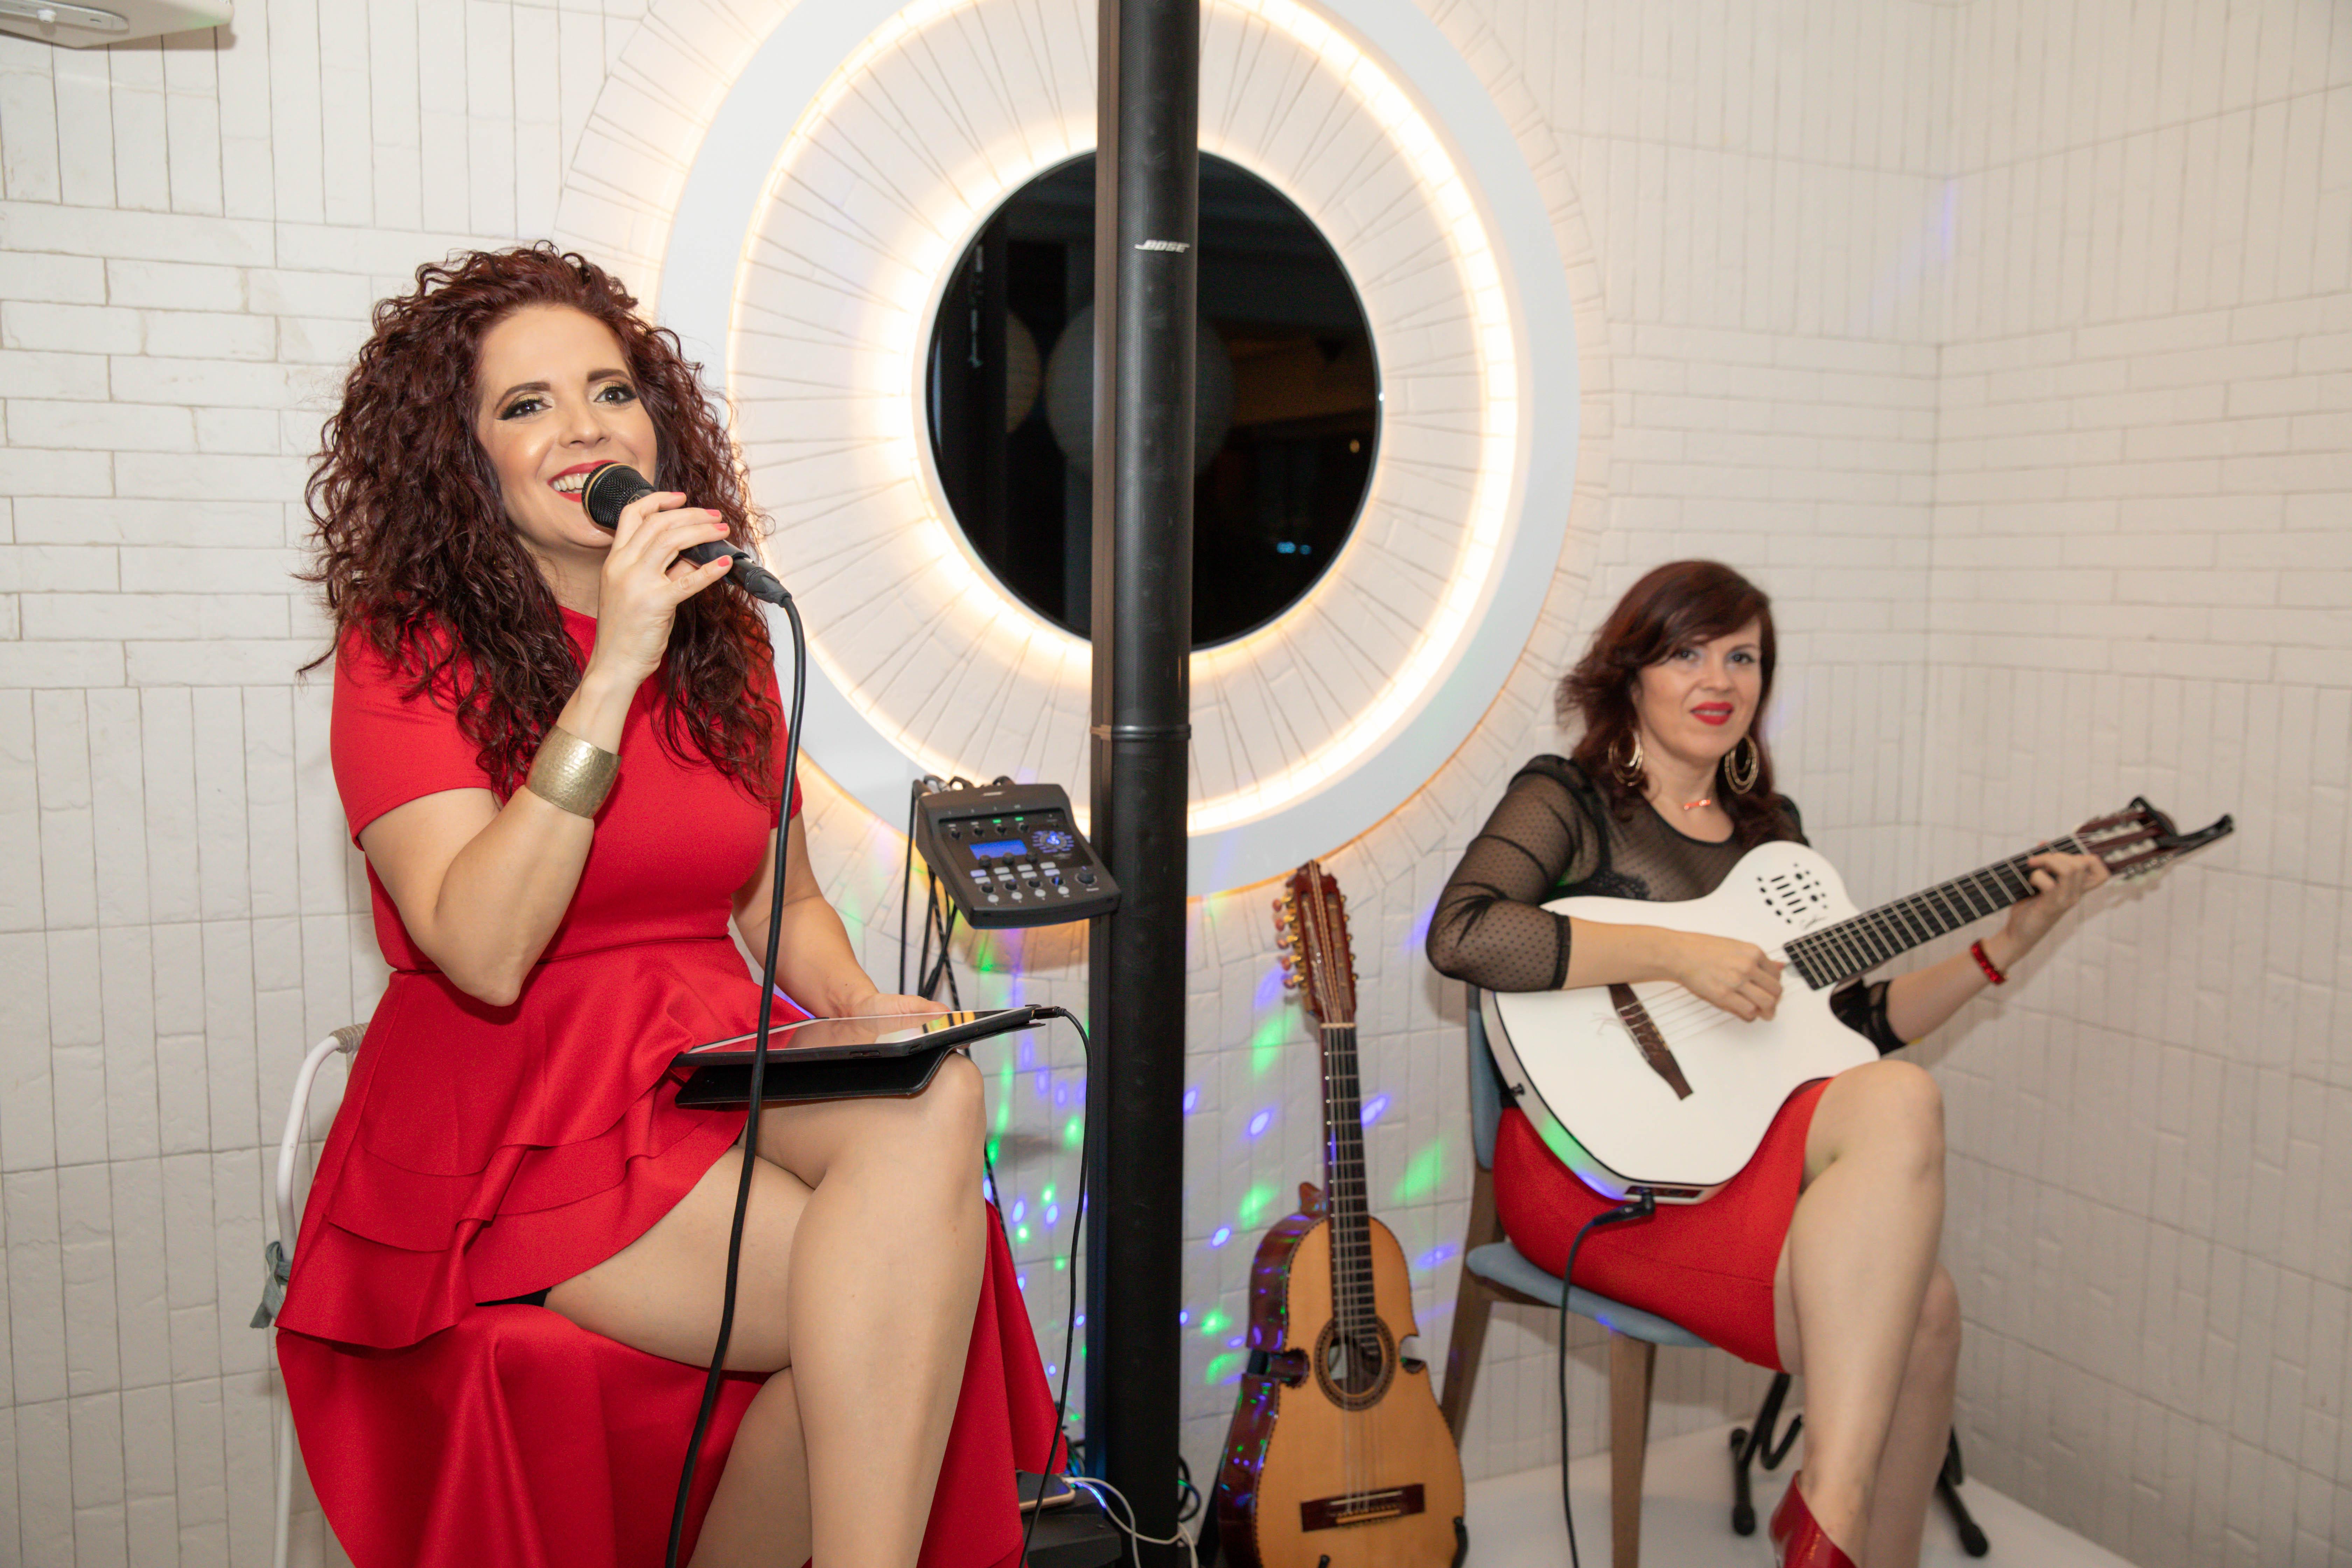 El evento también contó con los variados ritmos de la banda Celenia & Indigo. (Suministrada)